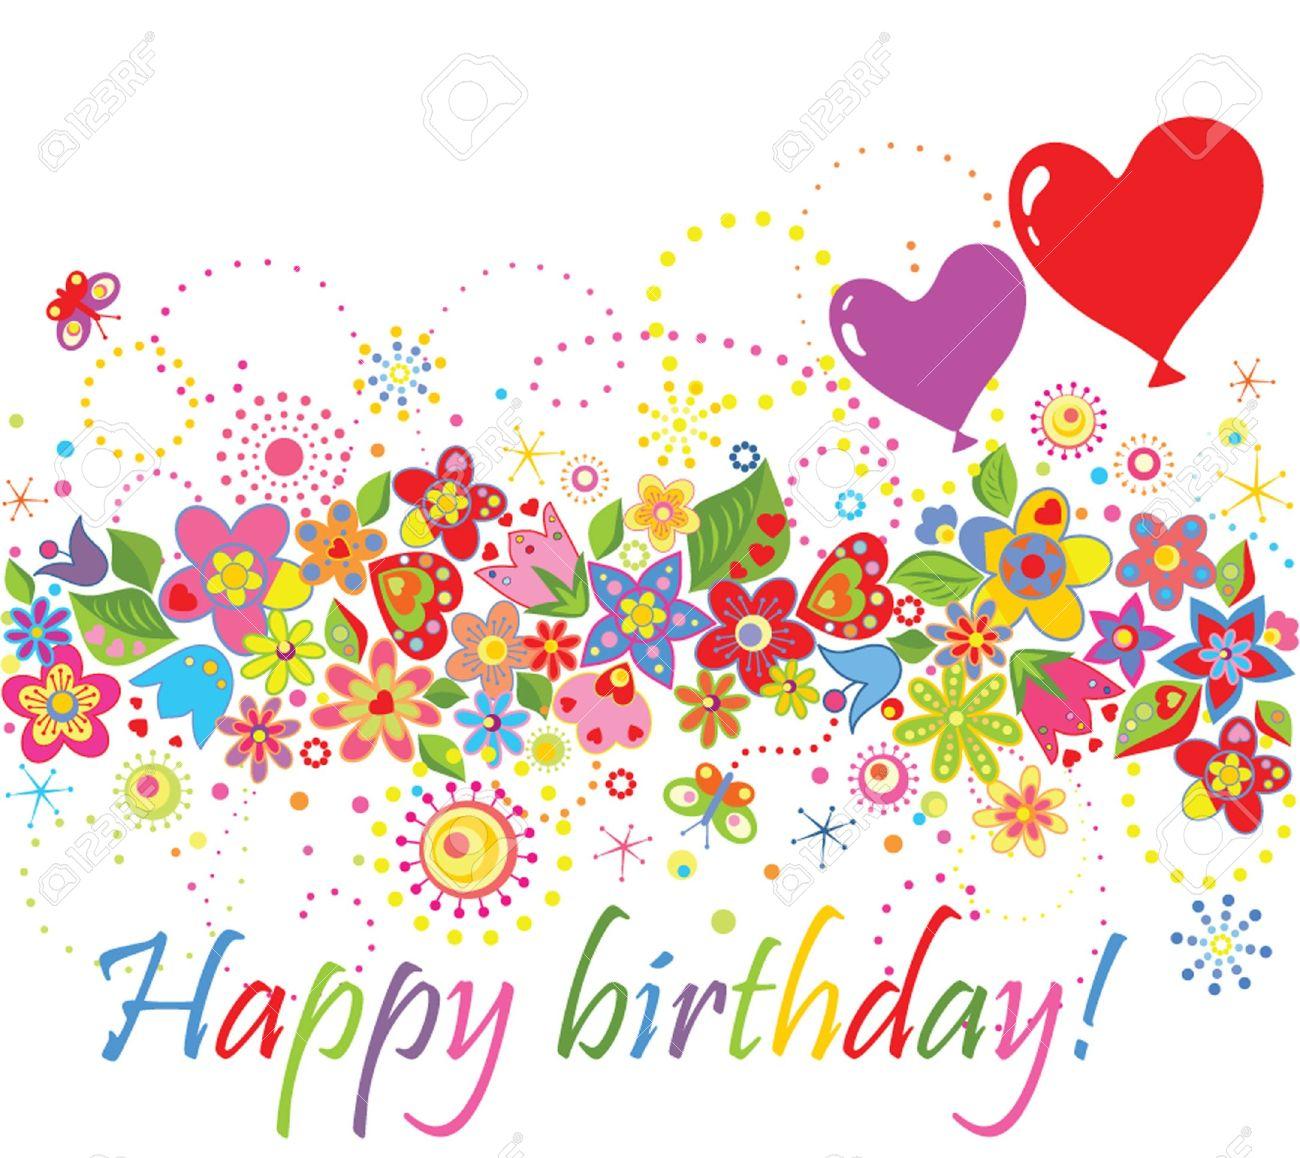 Happy birthday! Stock Vector - 18838391